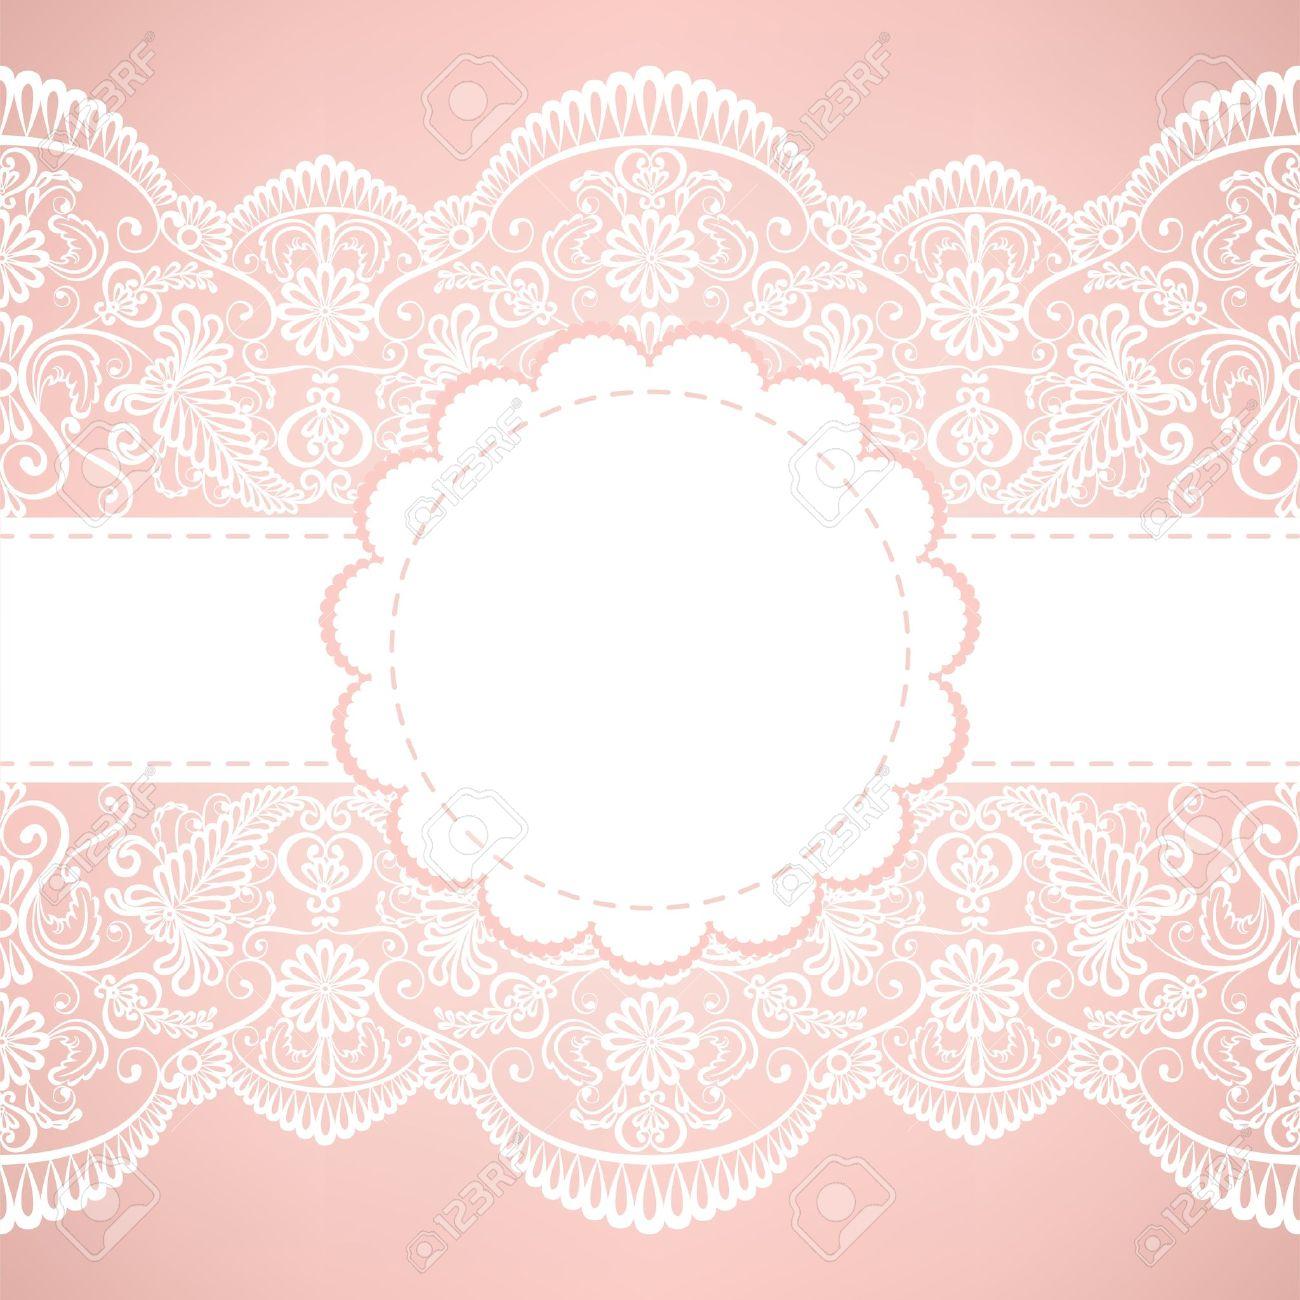 Vorlage Für Hochzeit, Einladung Oder Grusskarte Mit Spitze Stoff ...